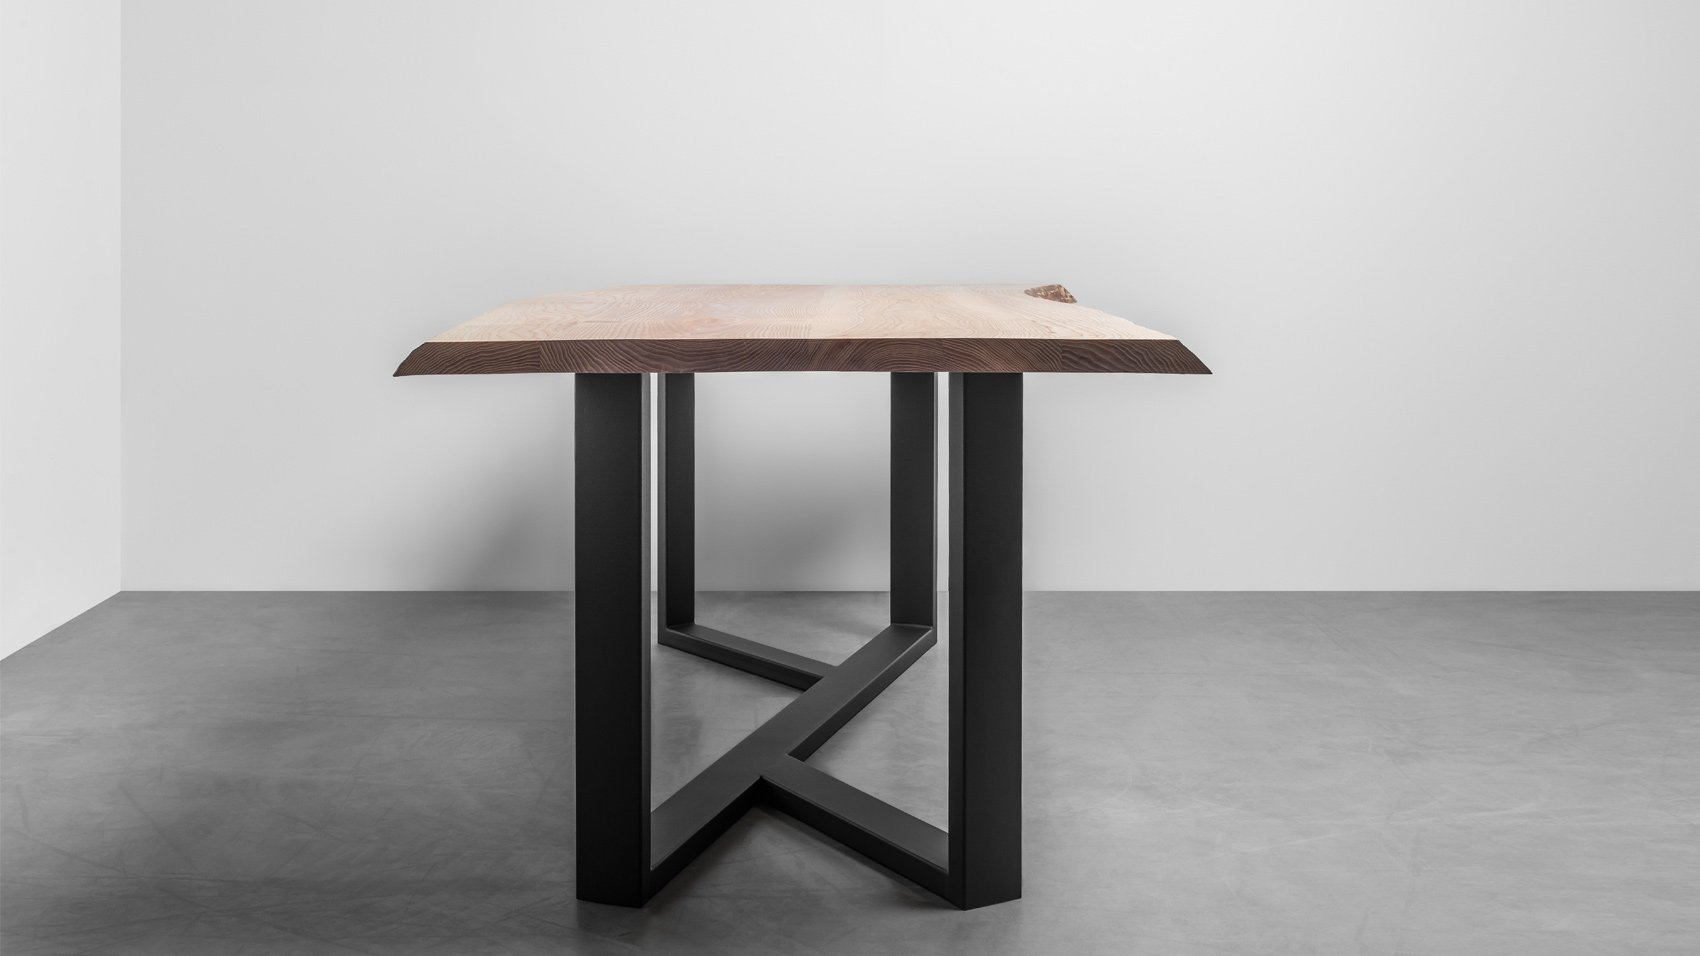 Industrialny stół z litego drewna z naturalnymi krawędziami - na zamówienie - stół King od Hoom